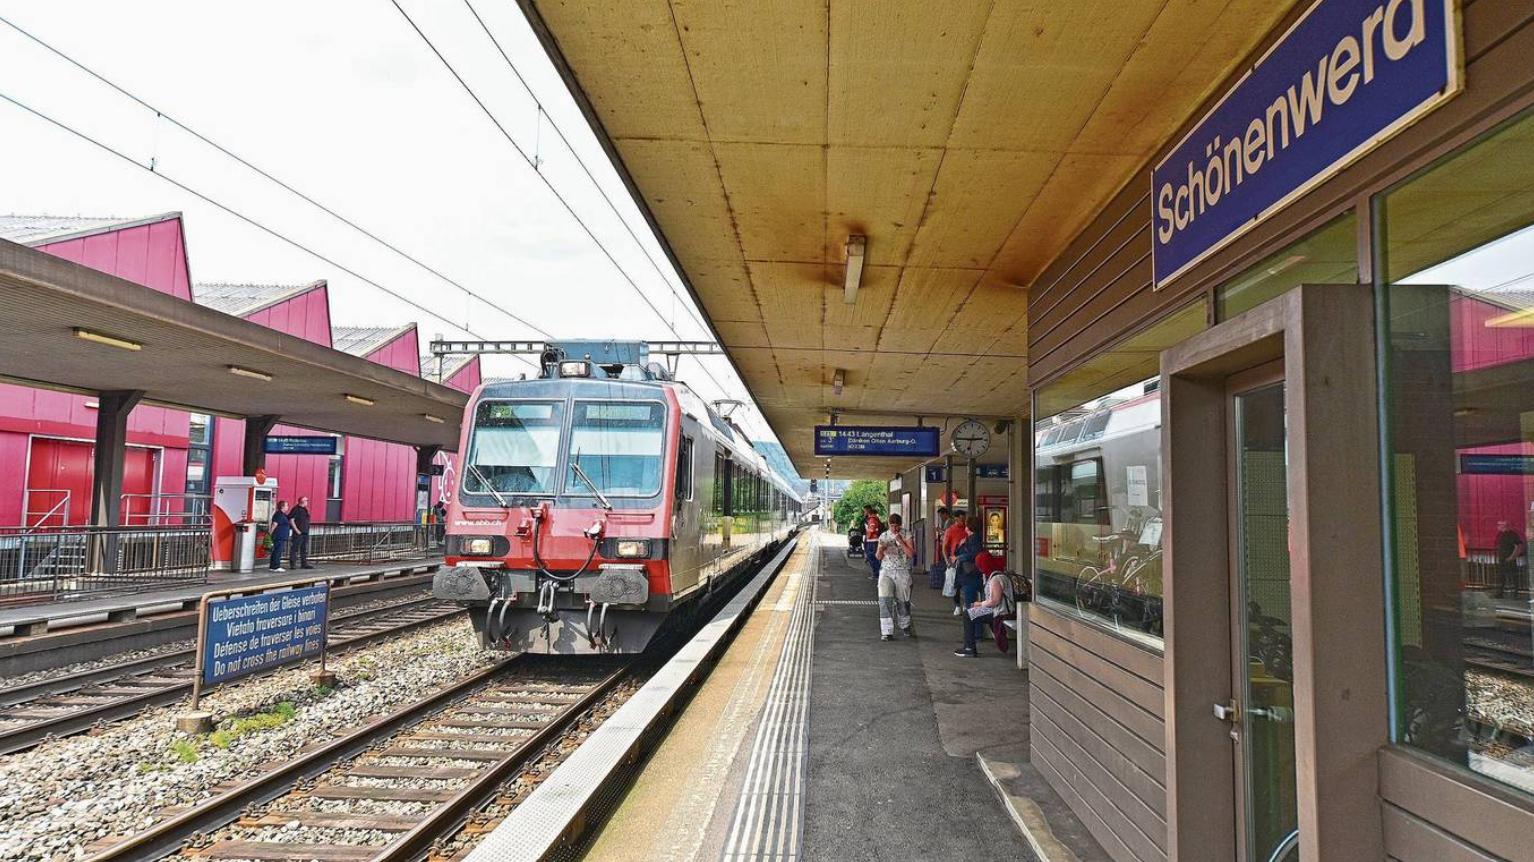 Nach «rundem Tisch»: Positive Signale für das Schönenwerder Bahnhofsprojekt